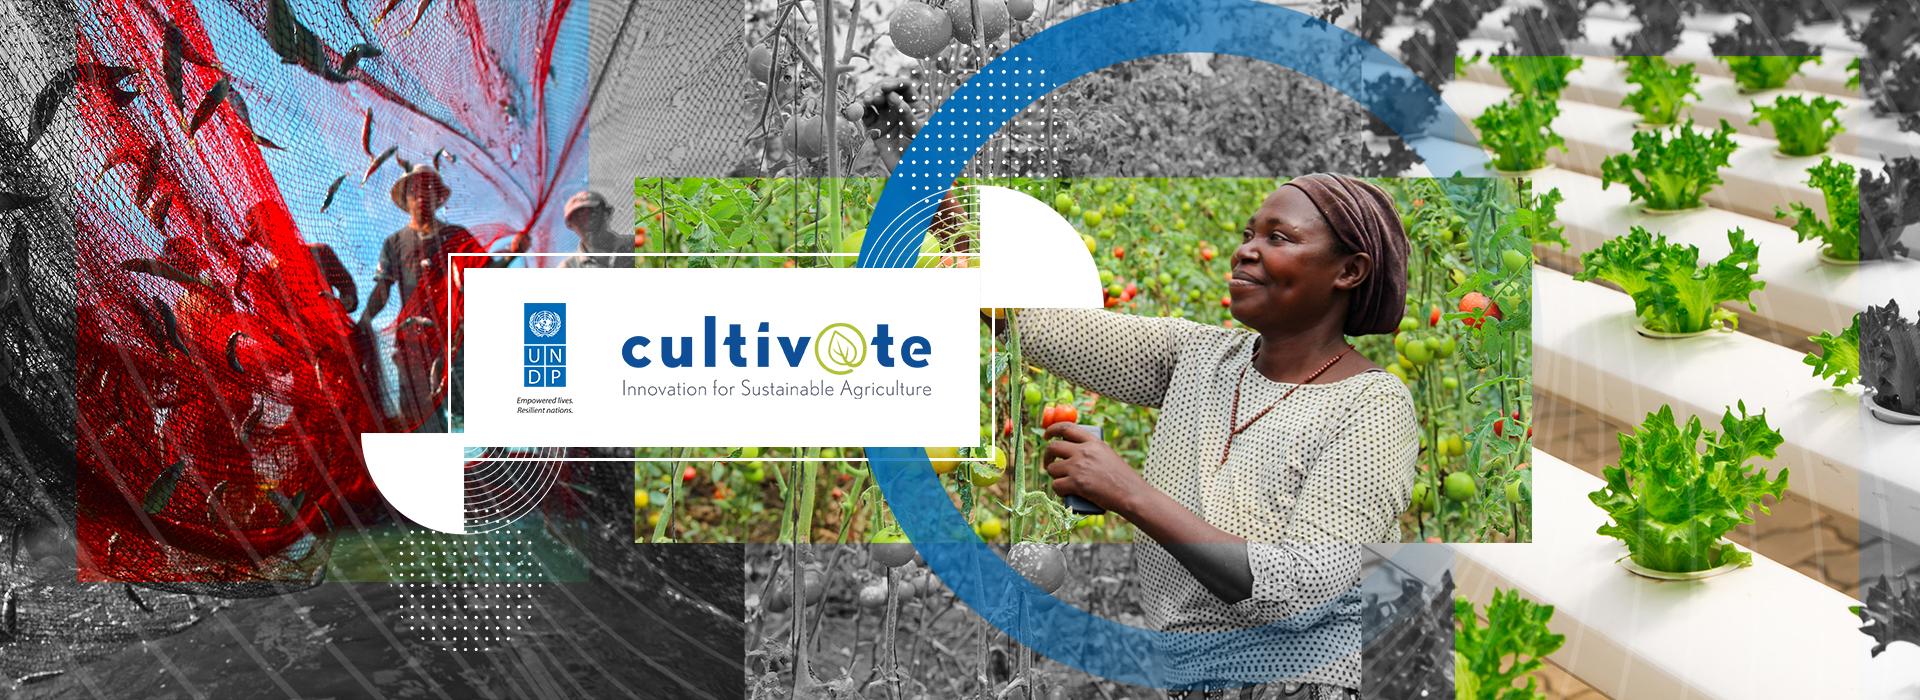 Միջազգային ագրոտեխնոլոգիական ստարտափների Cultiv@te ծրագիրը ընդունում է հայտեր